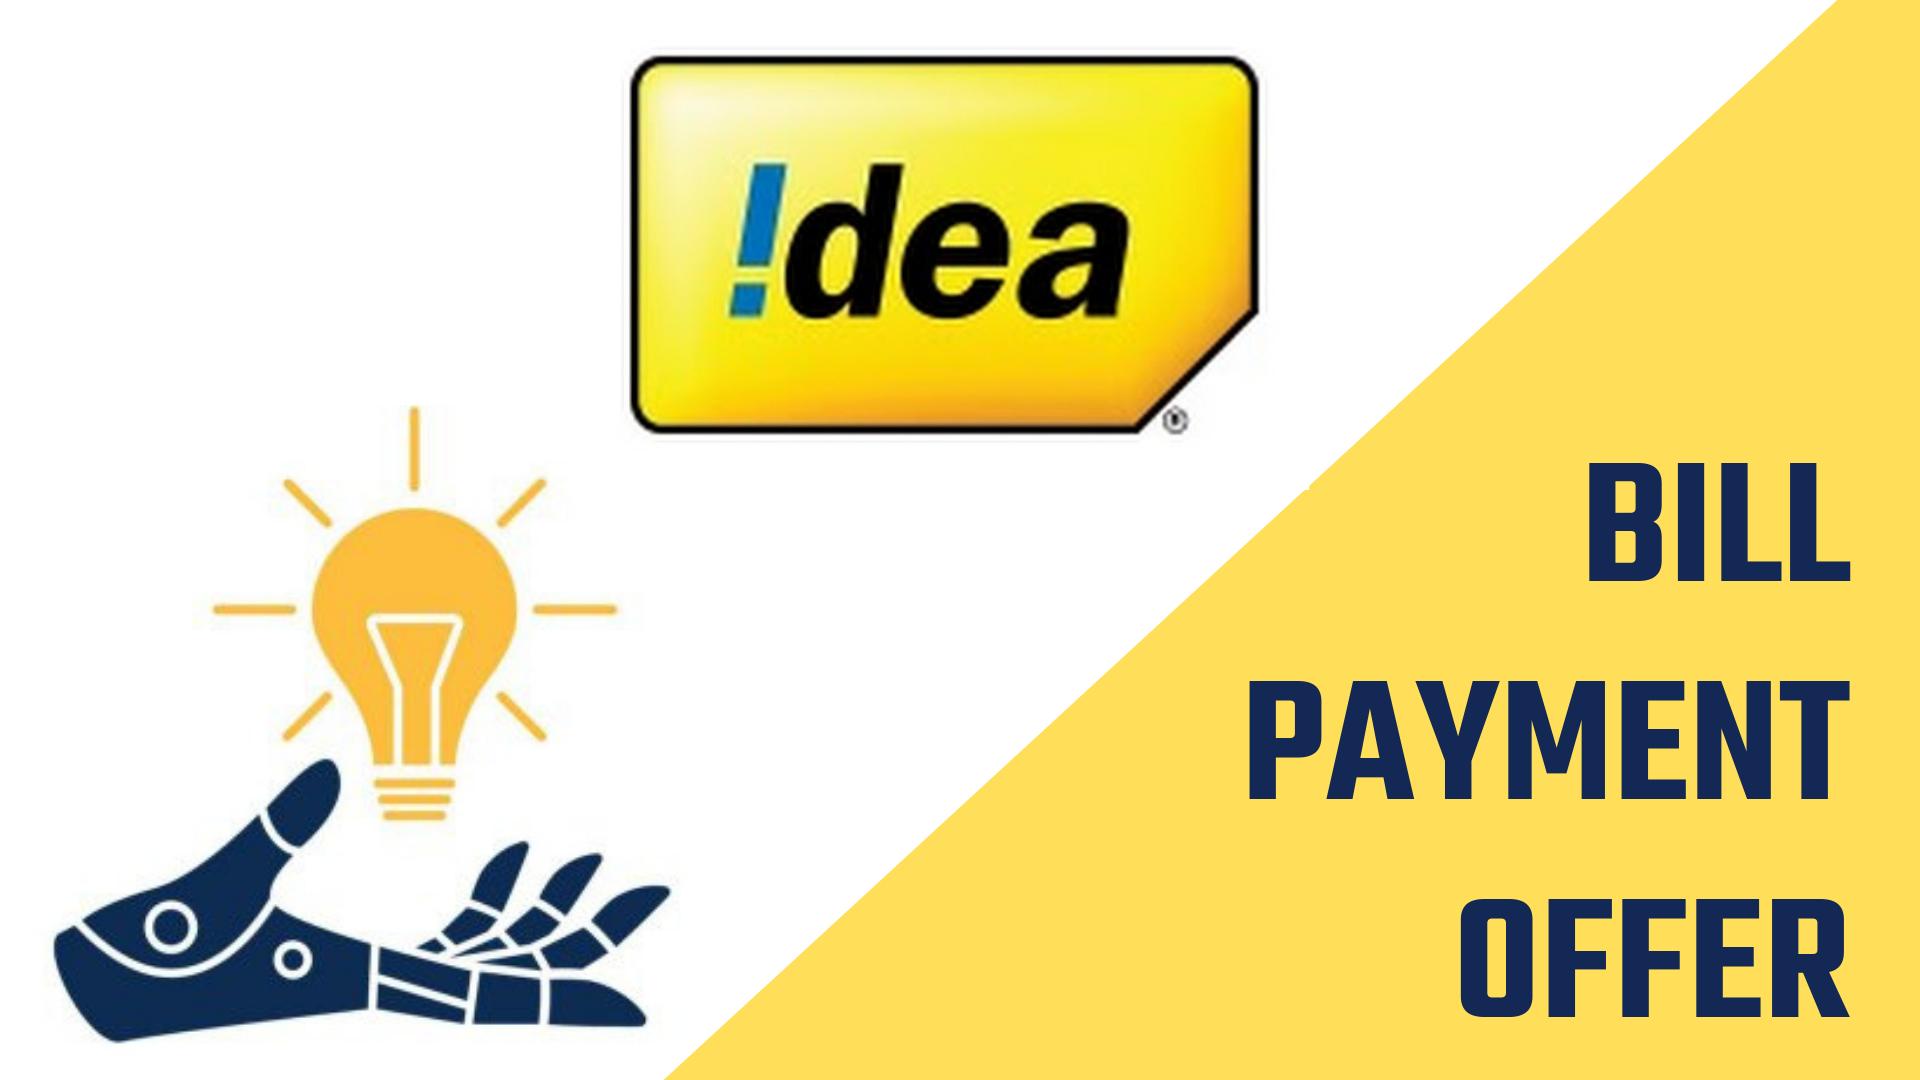 idea-bill-payment-offers